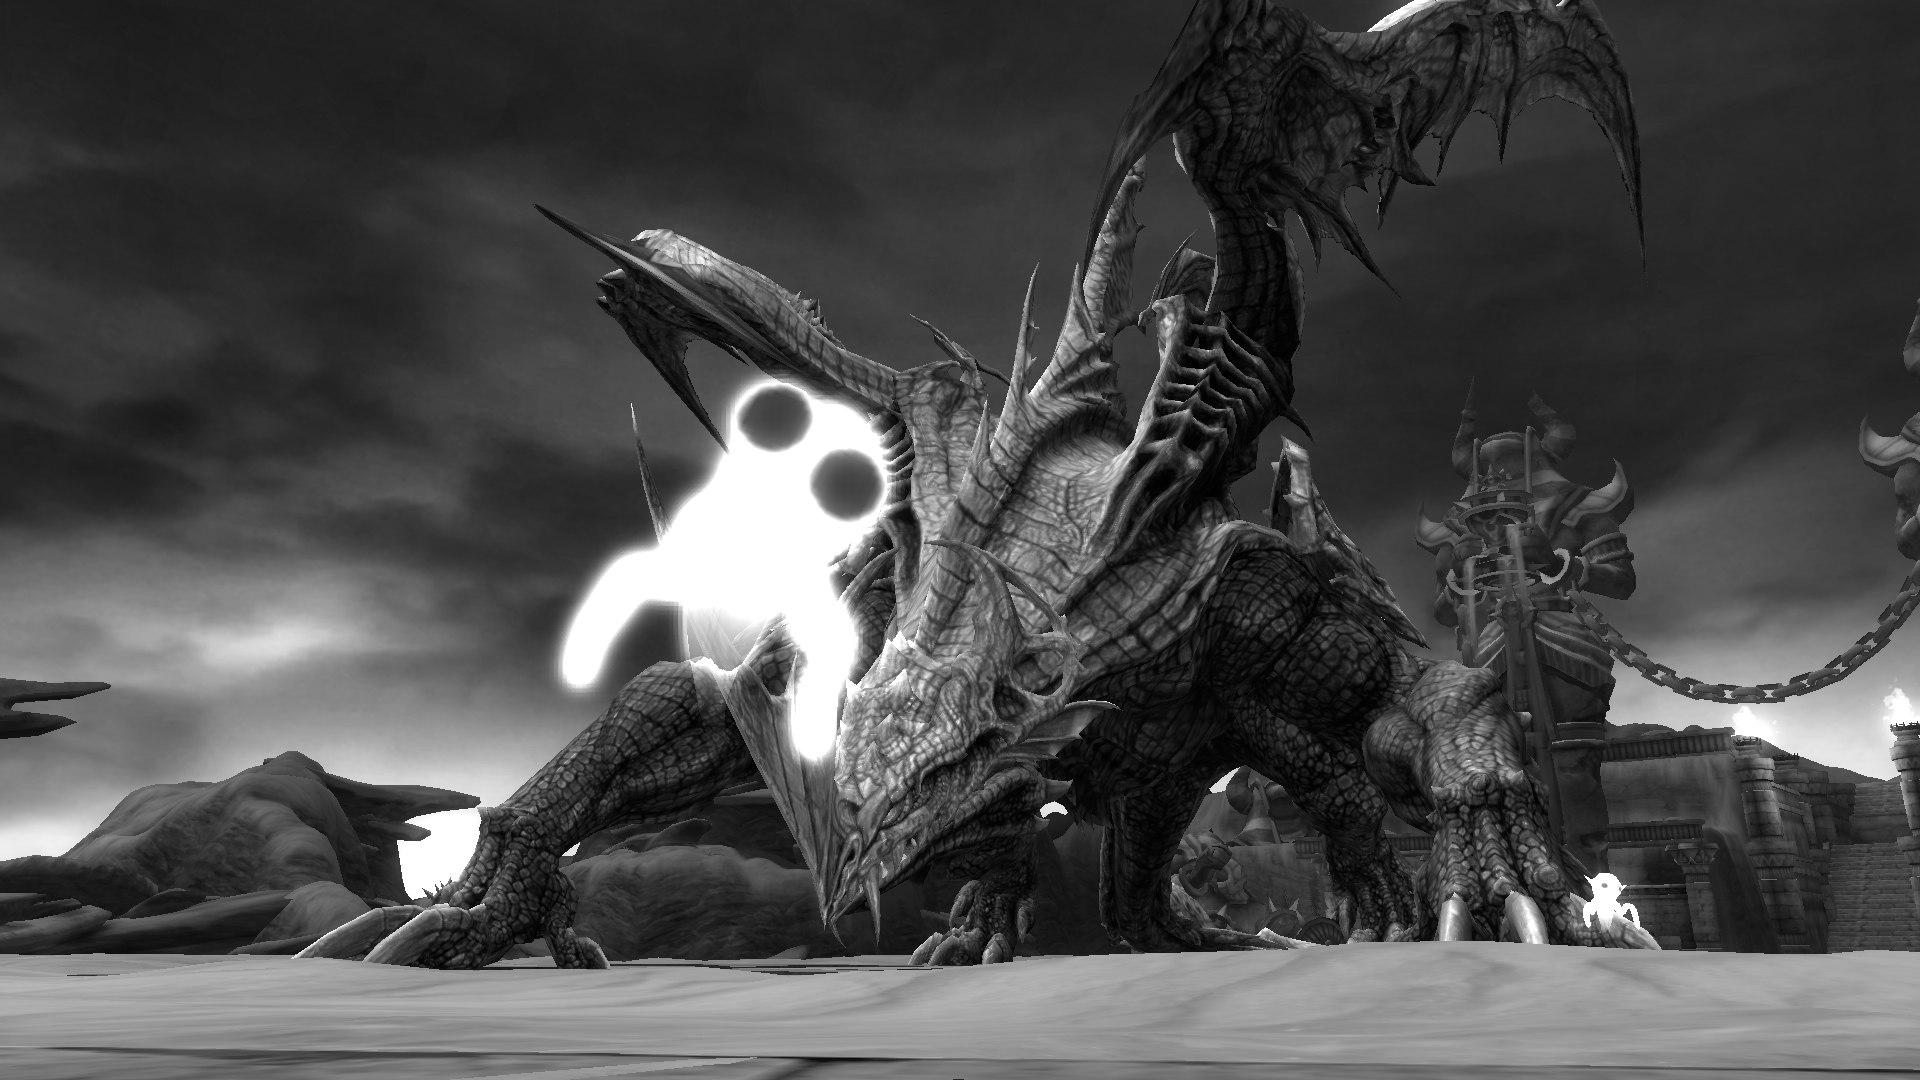 Драконы - серьёзные противники, даже если ты всего лишь в мемории